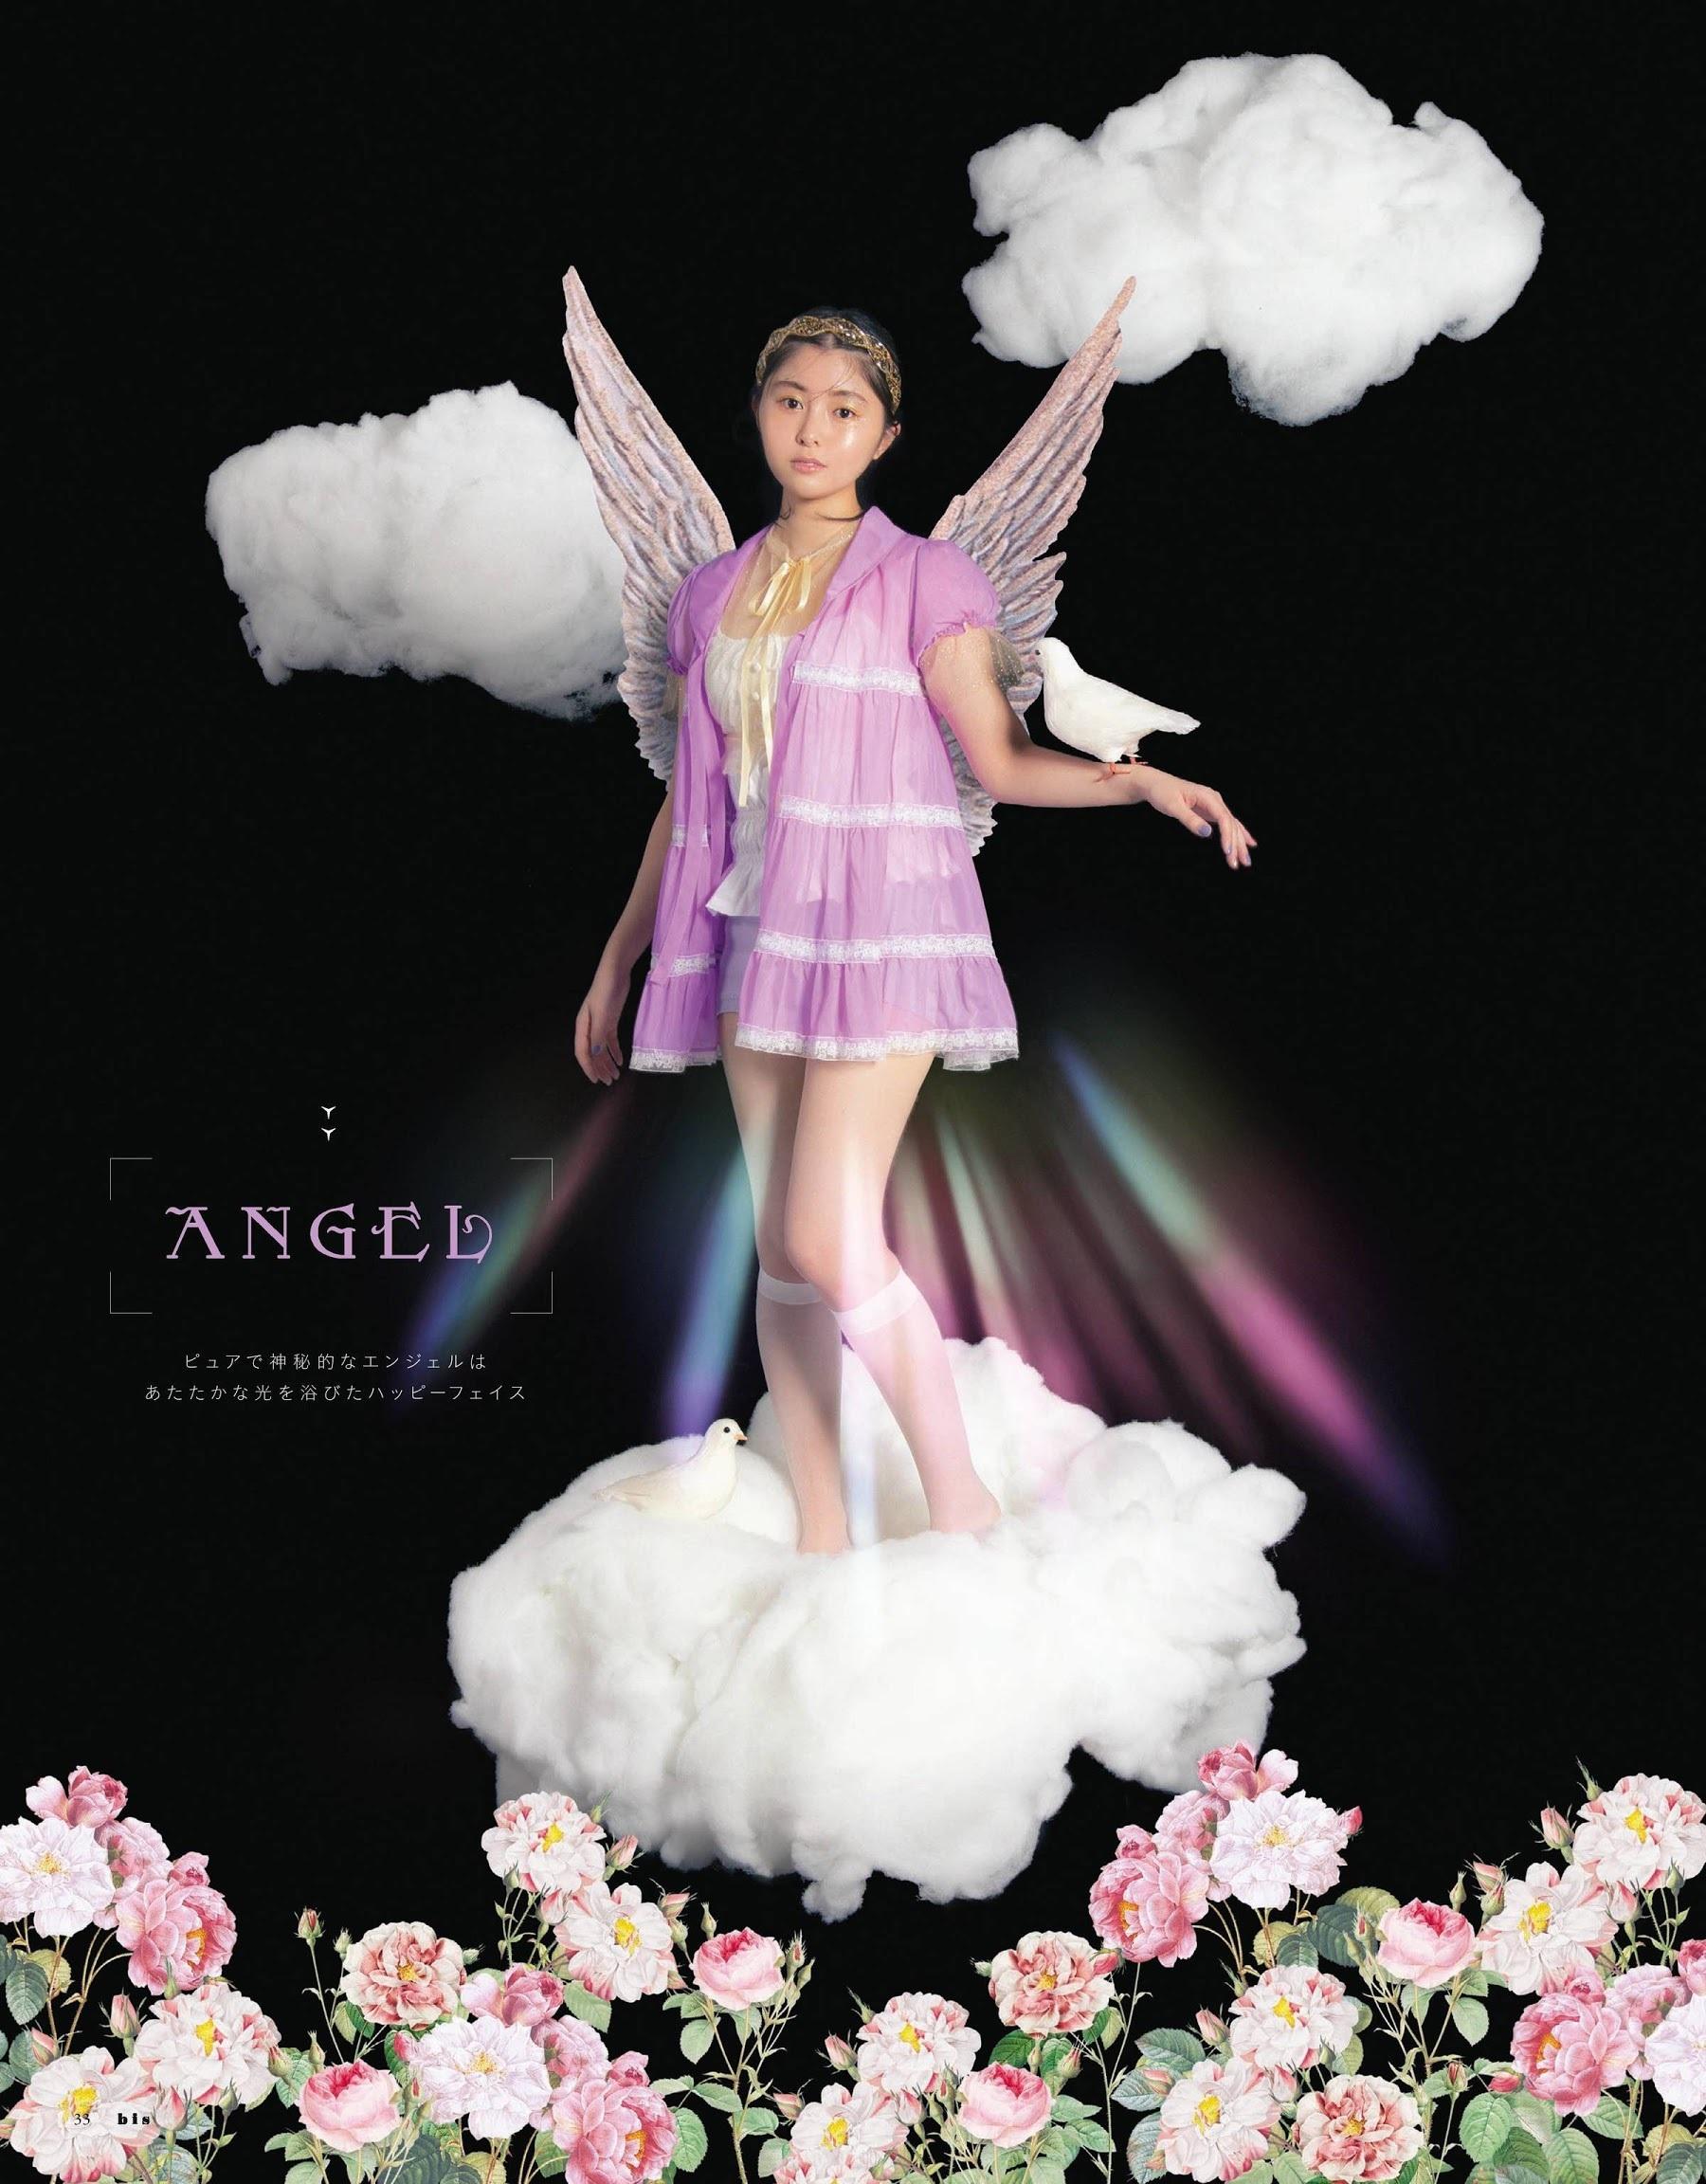 宫脇咲良 与田祐希 道重沙由美-bis 2021年第七期  高清套图 第23张